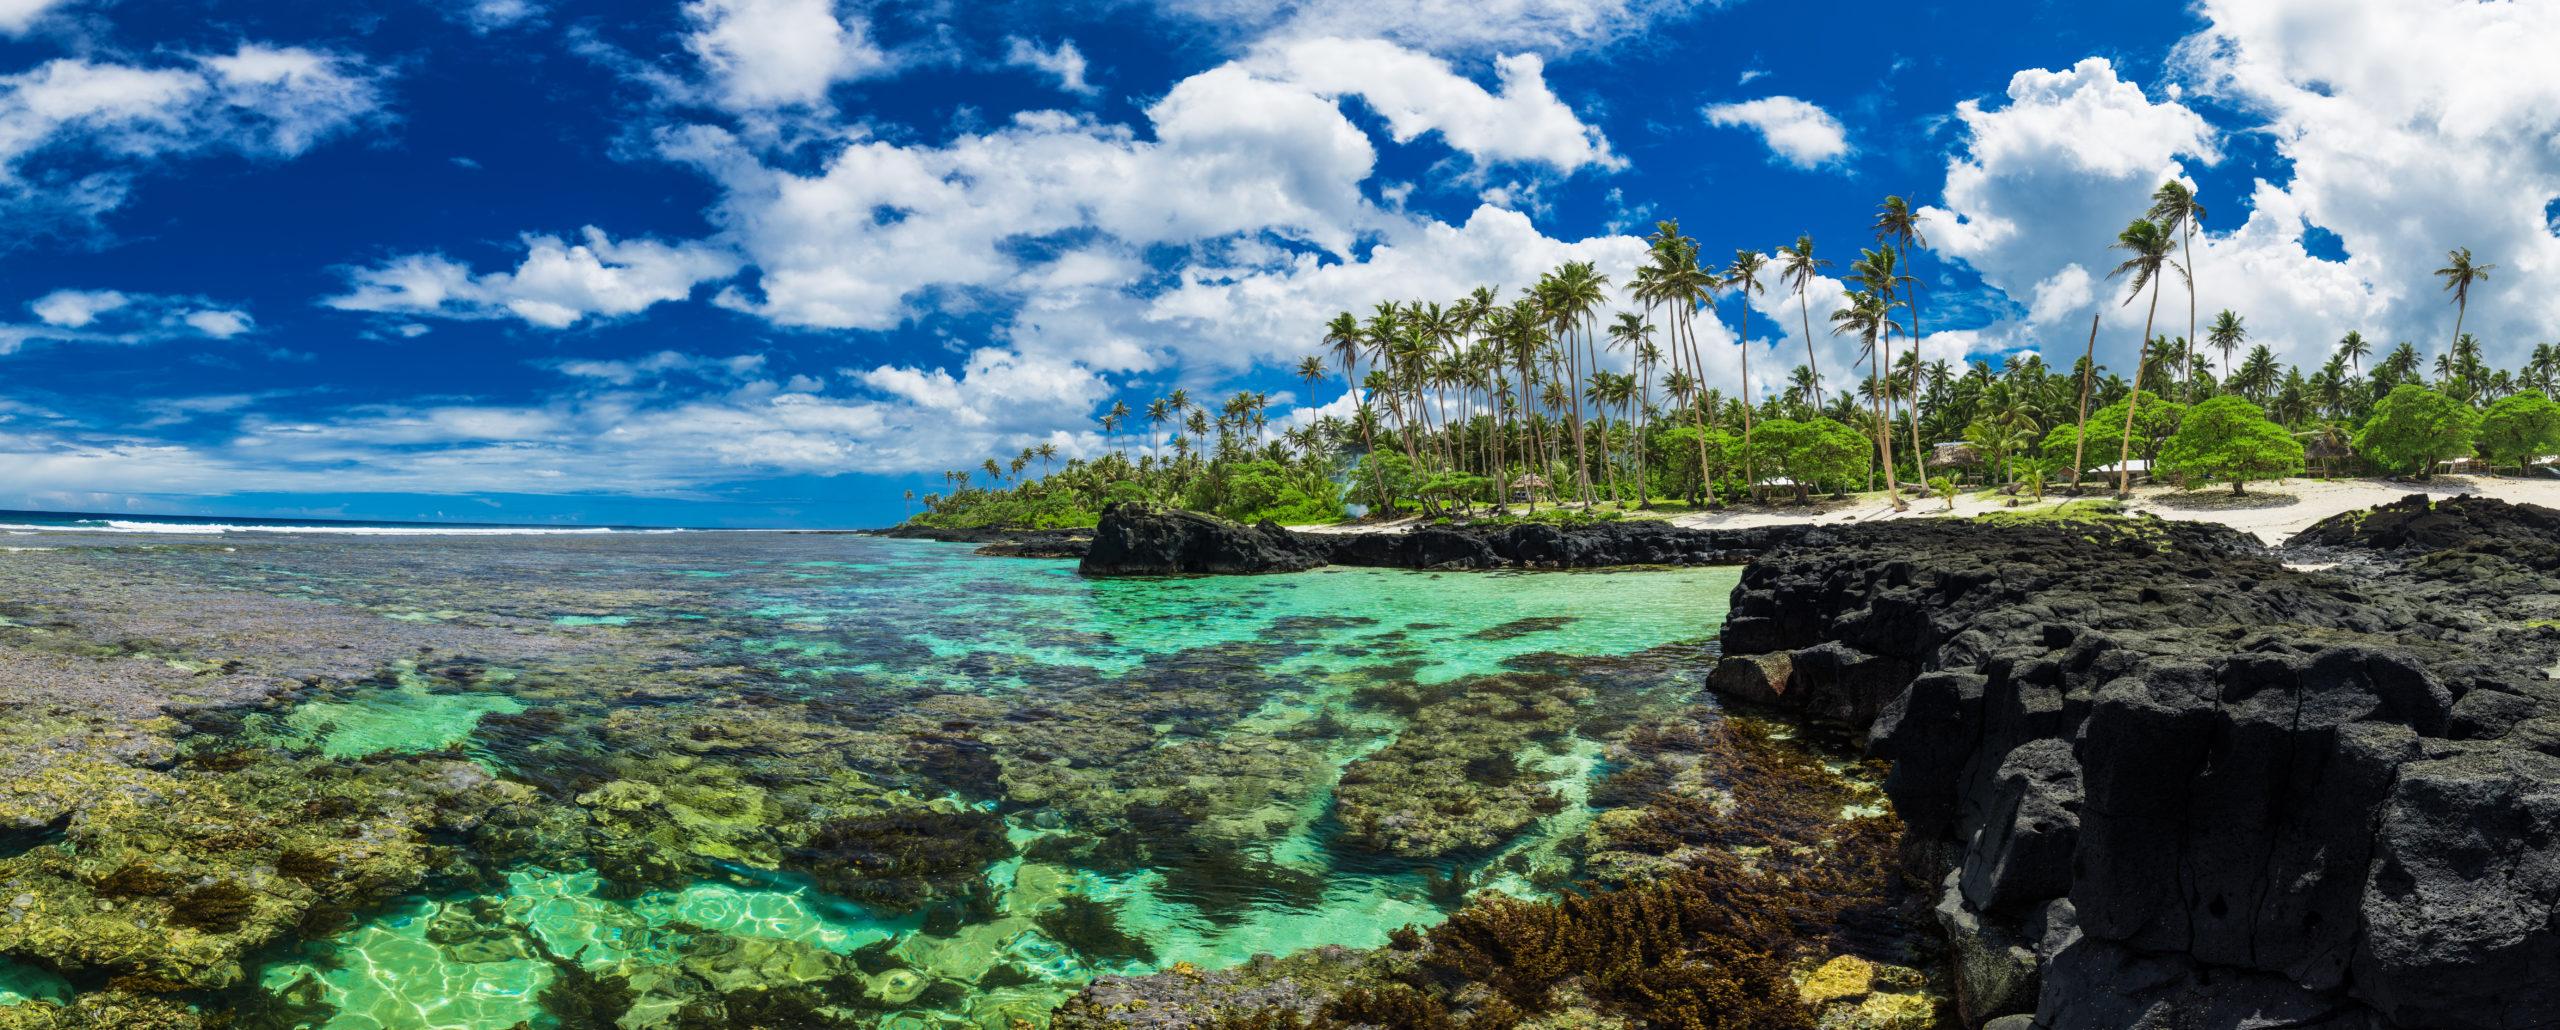 Samoa. [Shutterstock]